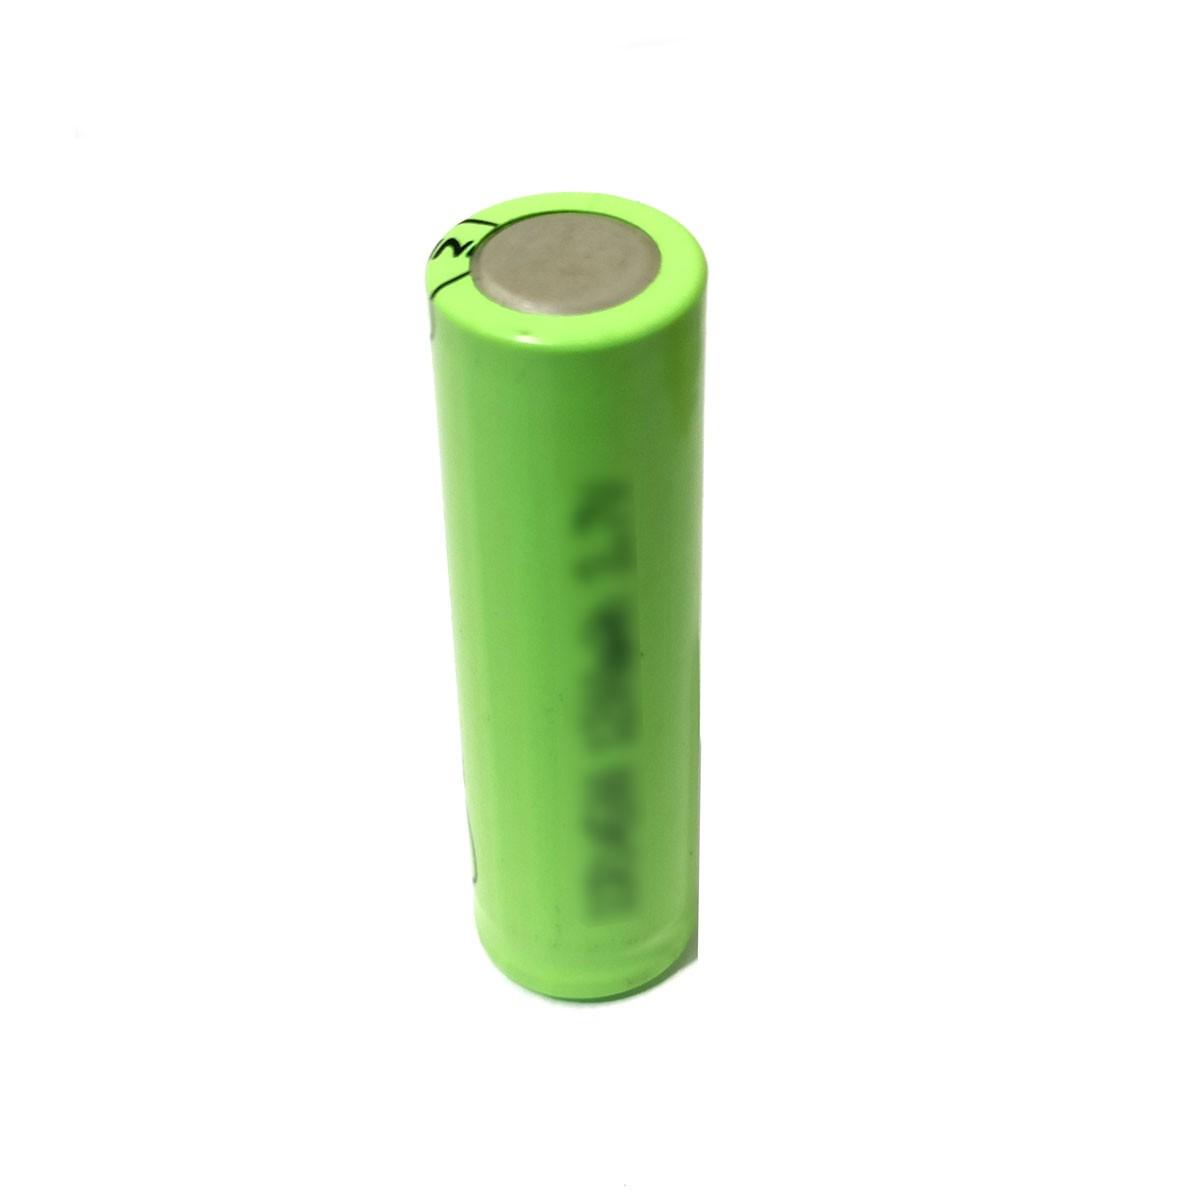 1x Bateria 3,7V ICR 14500 de Lítio Recarregável - 14mm x 50mm